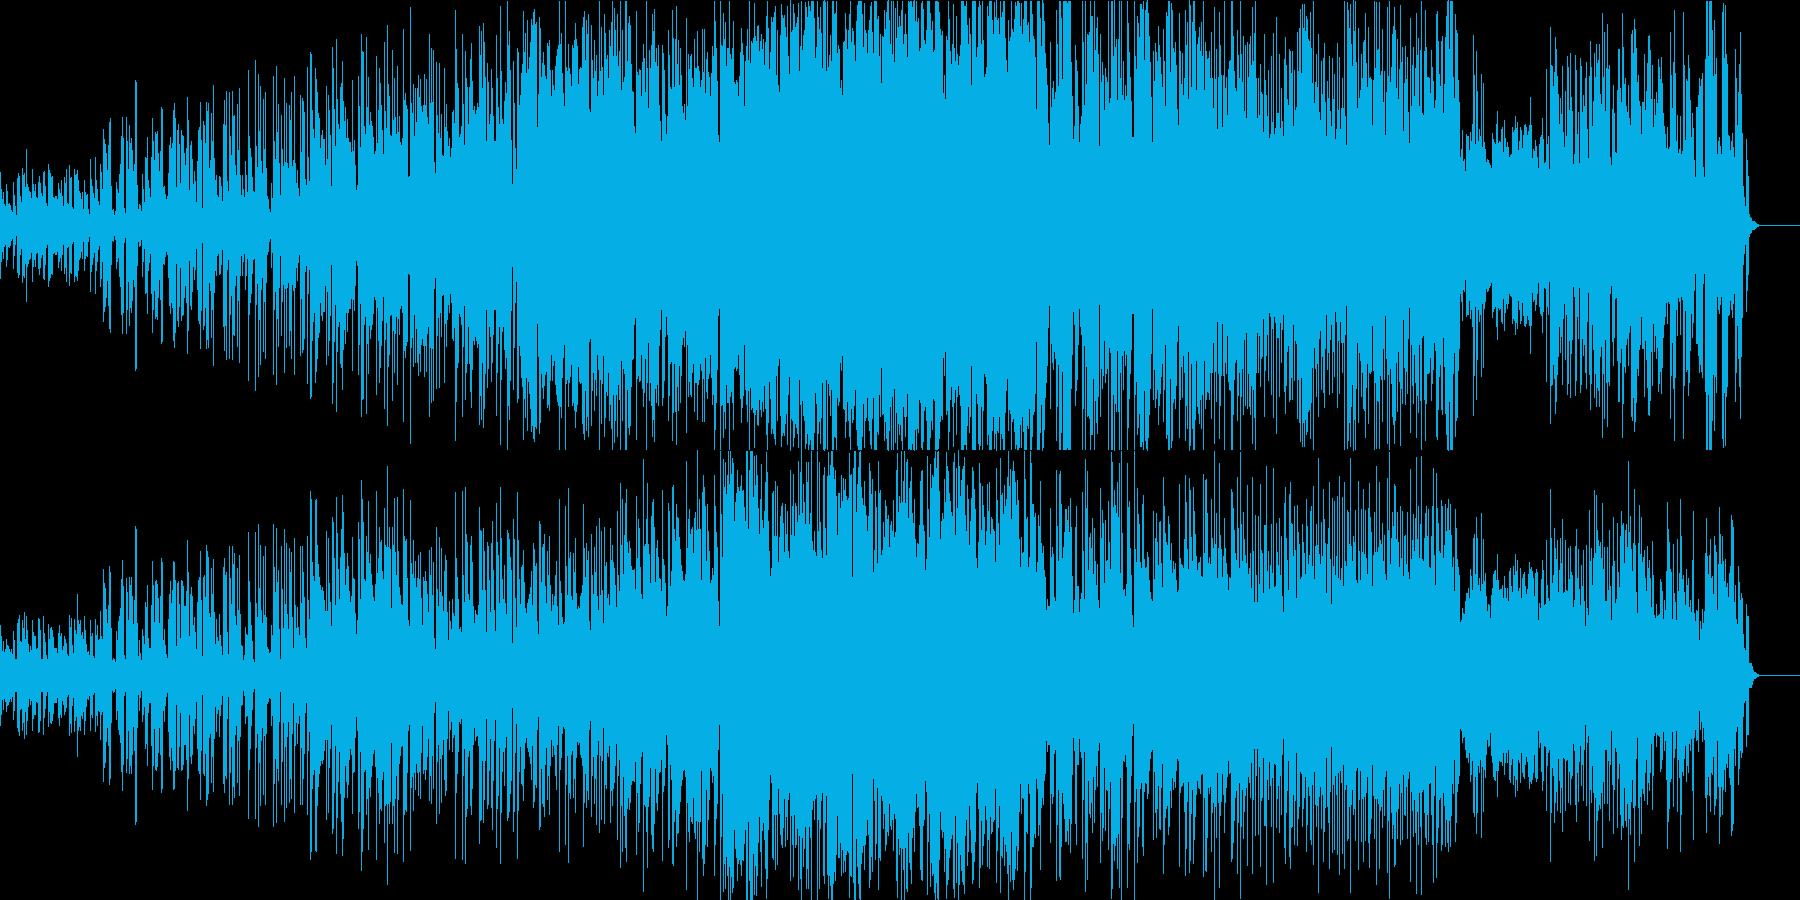 エレクトロ系 弦、シンセブラス、ドラムの再生済みの波形